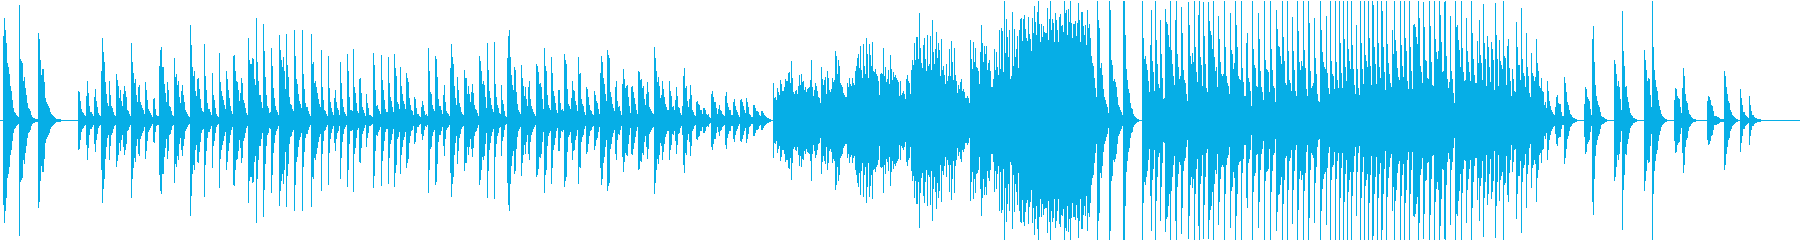 鐘/ラフマニノフ・マリンバの再生済みの波形